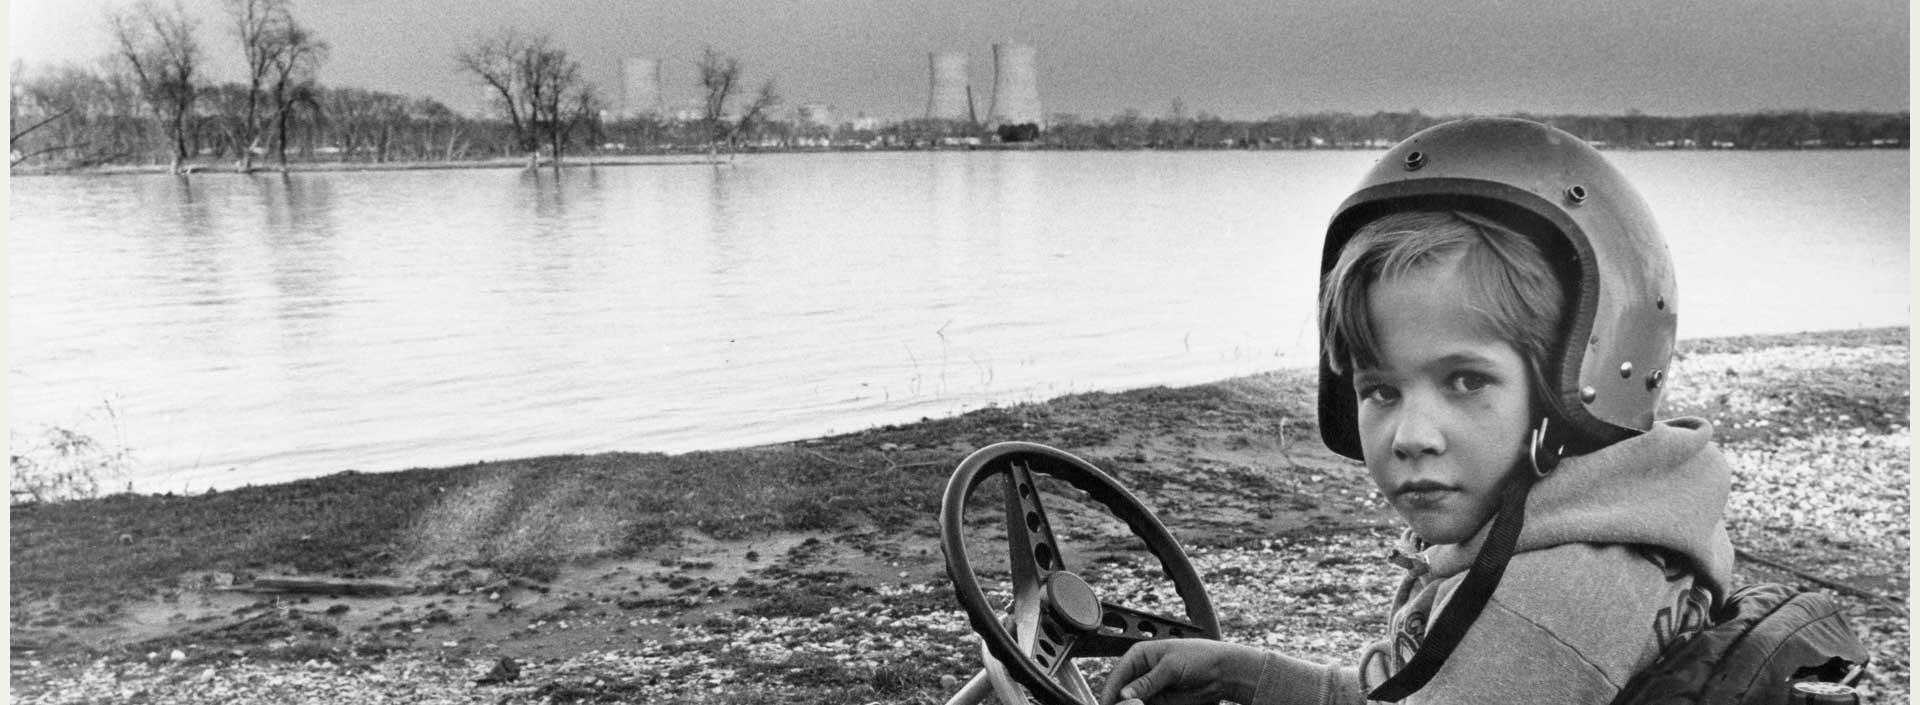 Lionel Delivgne - Harrisburg, PA 1979